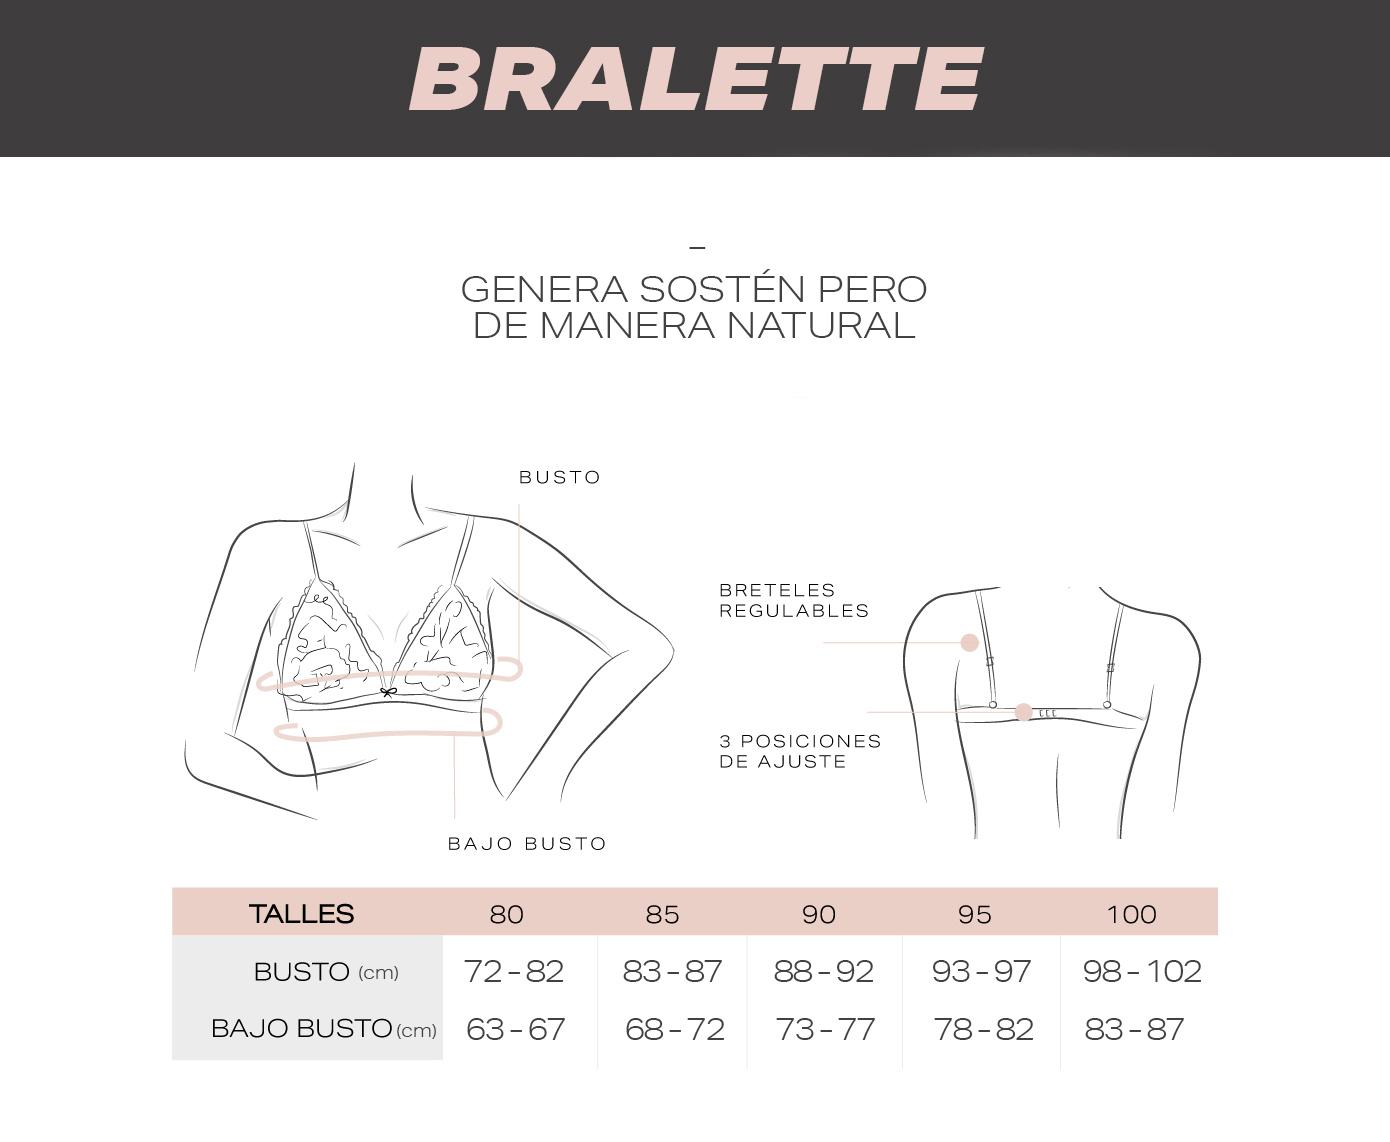 Guía de talles Corpiños Bralette